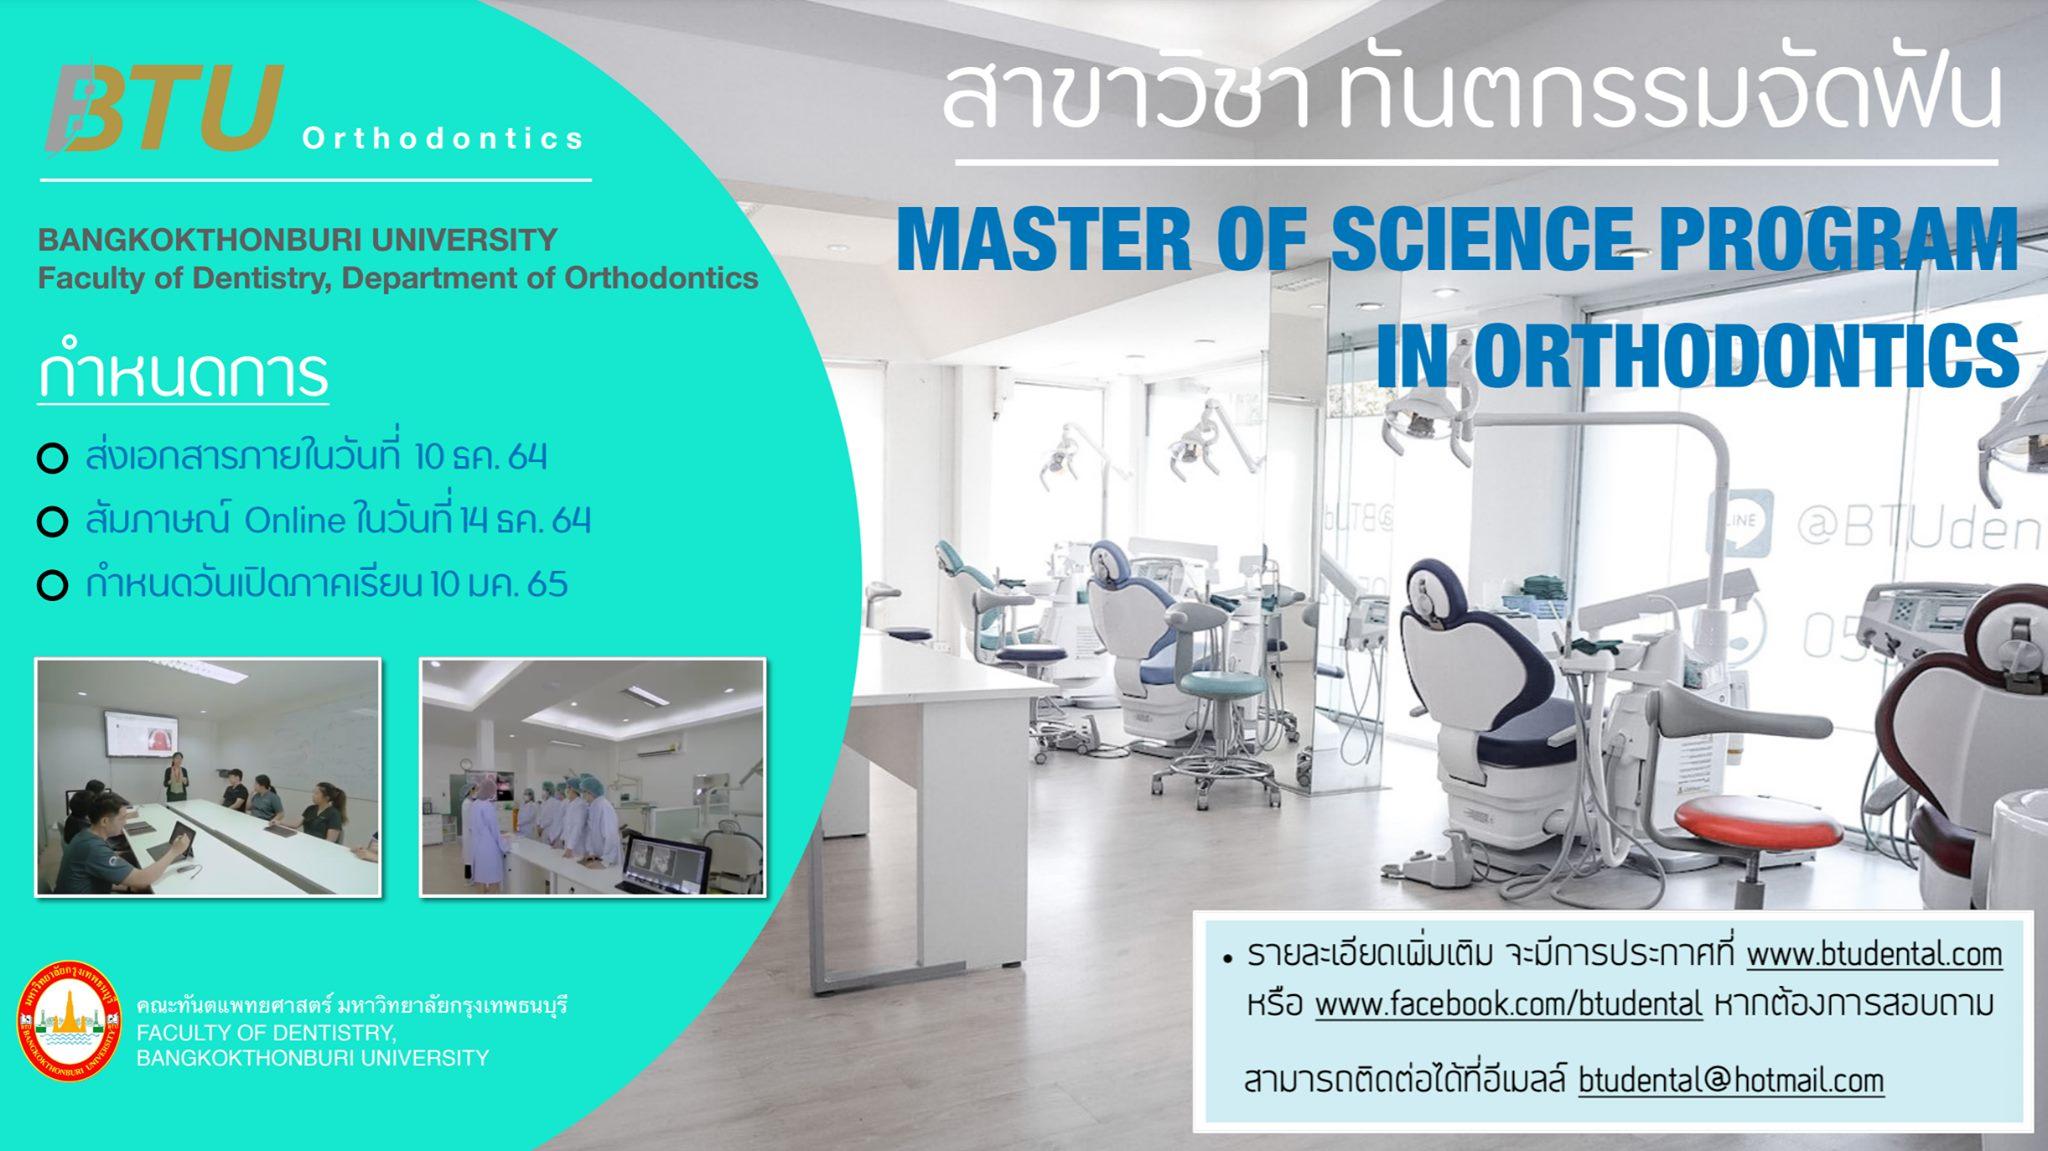 คณะทันตแพทยศาสตร์ มหาวิทยาลัยกรุงเทพธนบุรี รับสมัครนักศึกษาปริญญาโท หลักสูตรทันตกรรมจัดฟัน